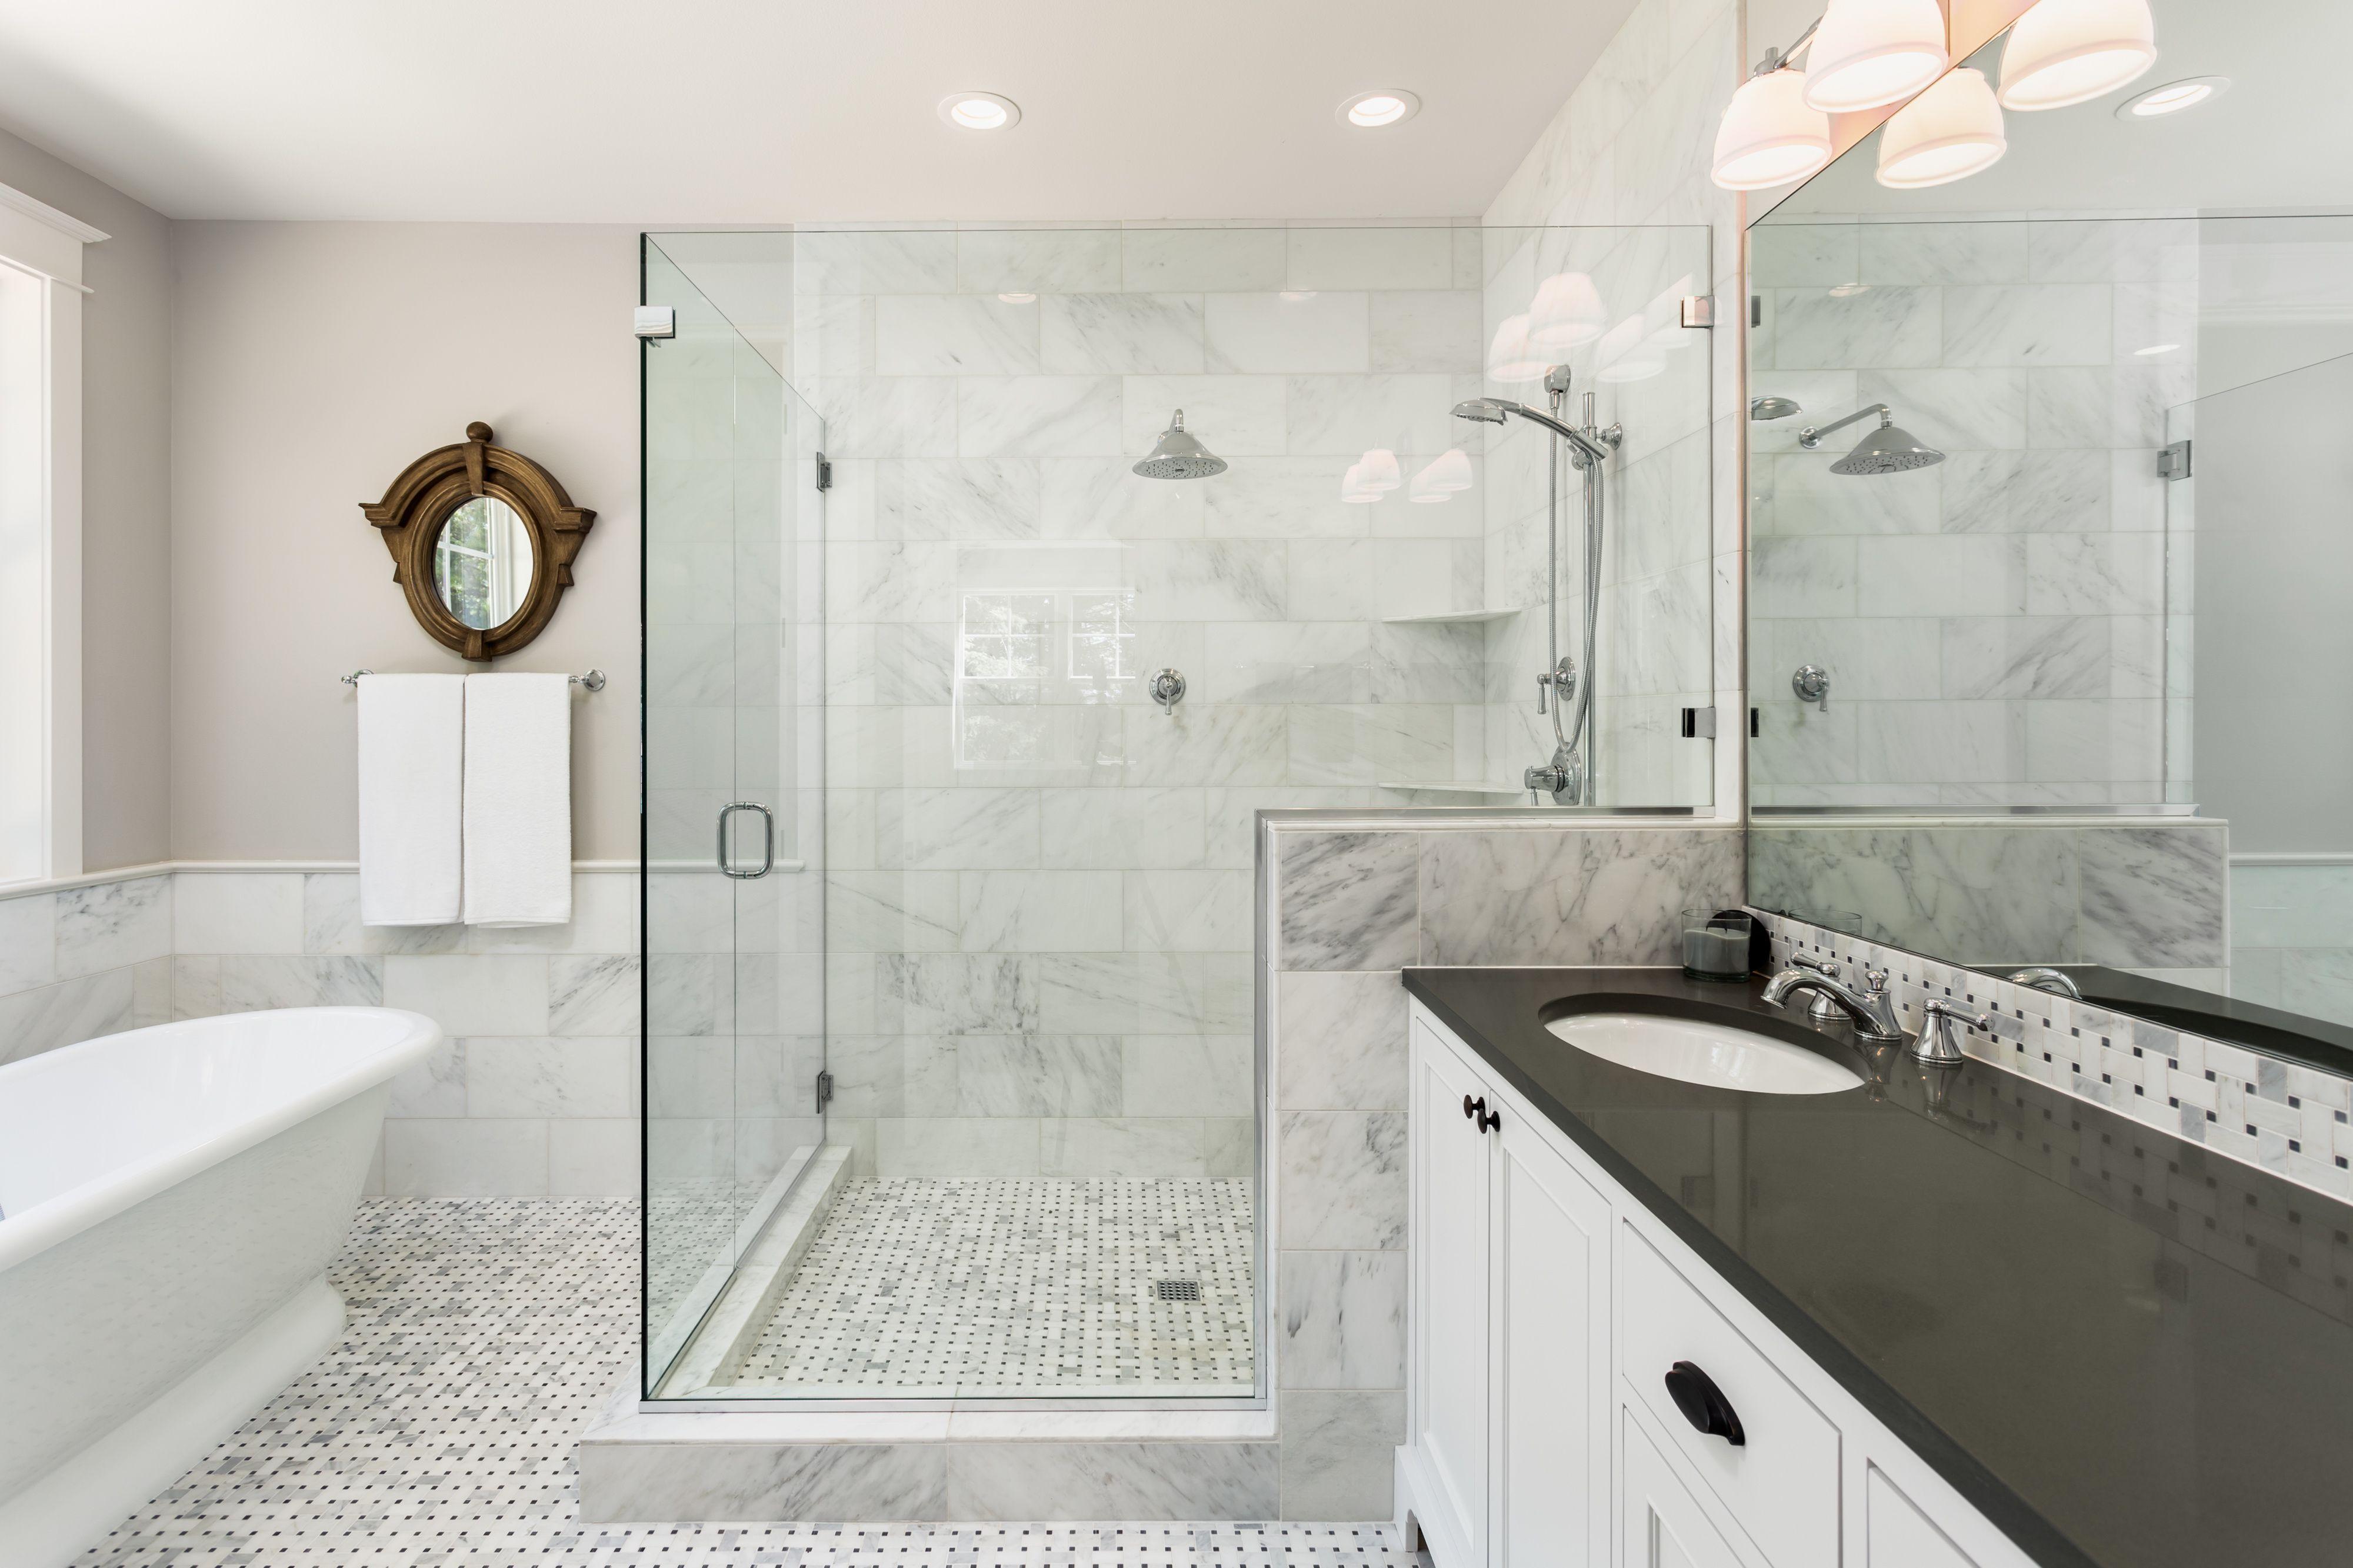 23 Doorless Shower Ideas Walk In With Images Bathrooms